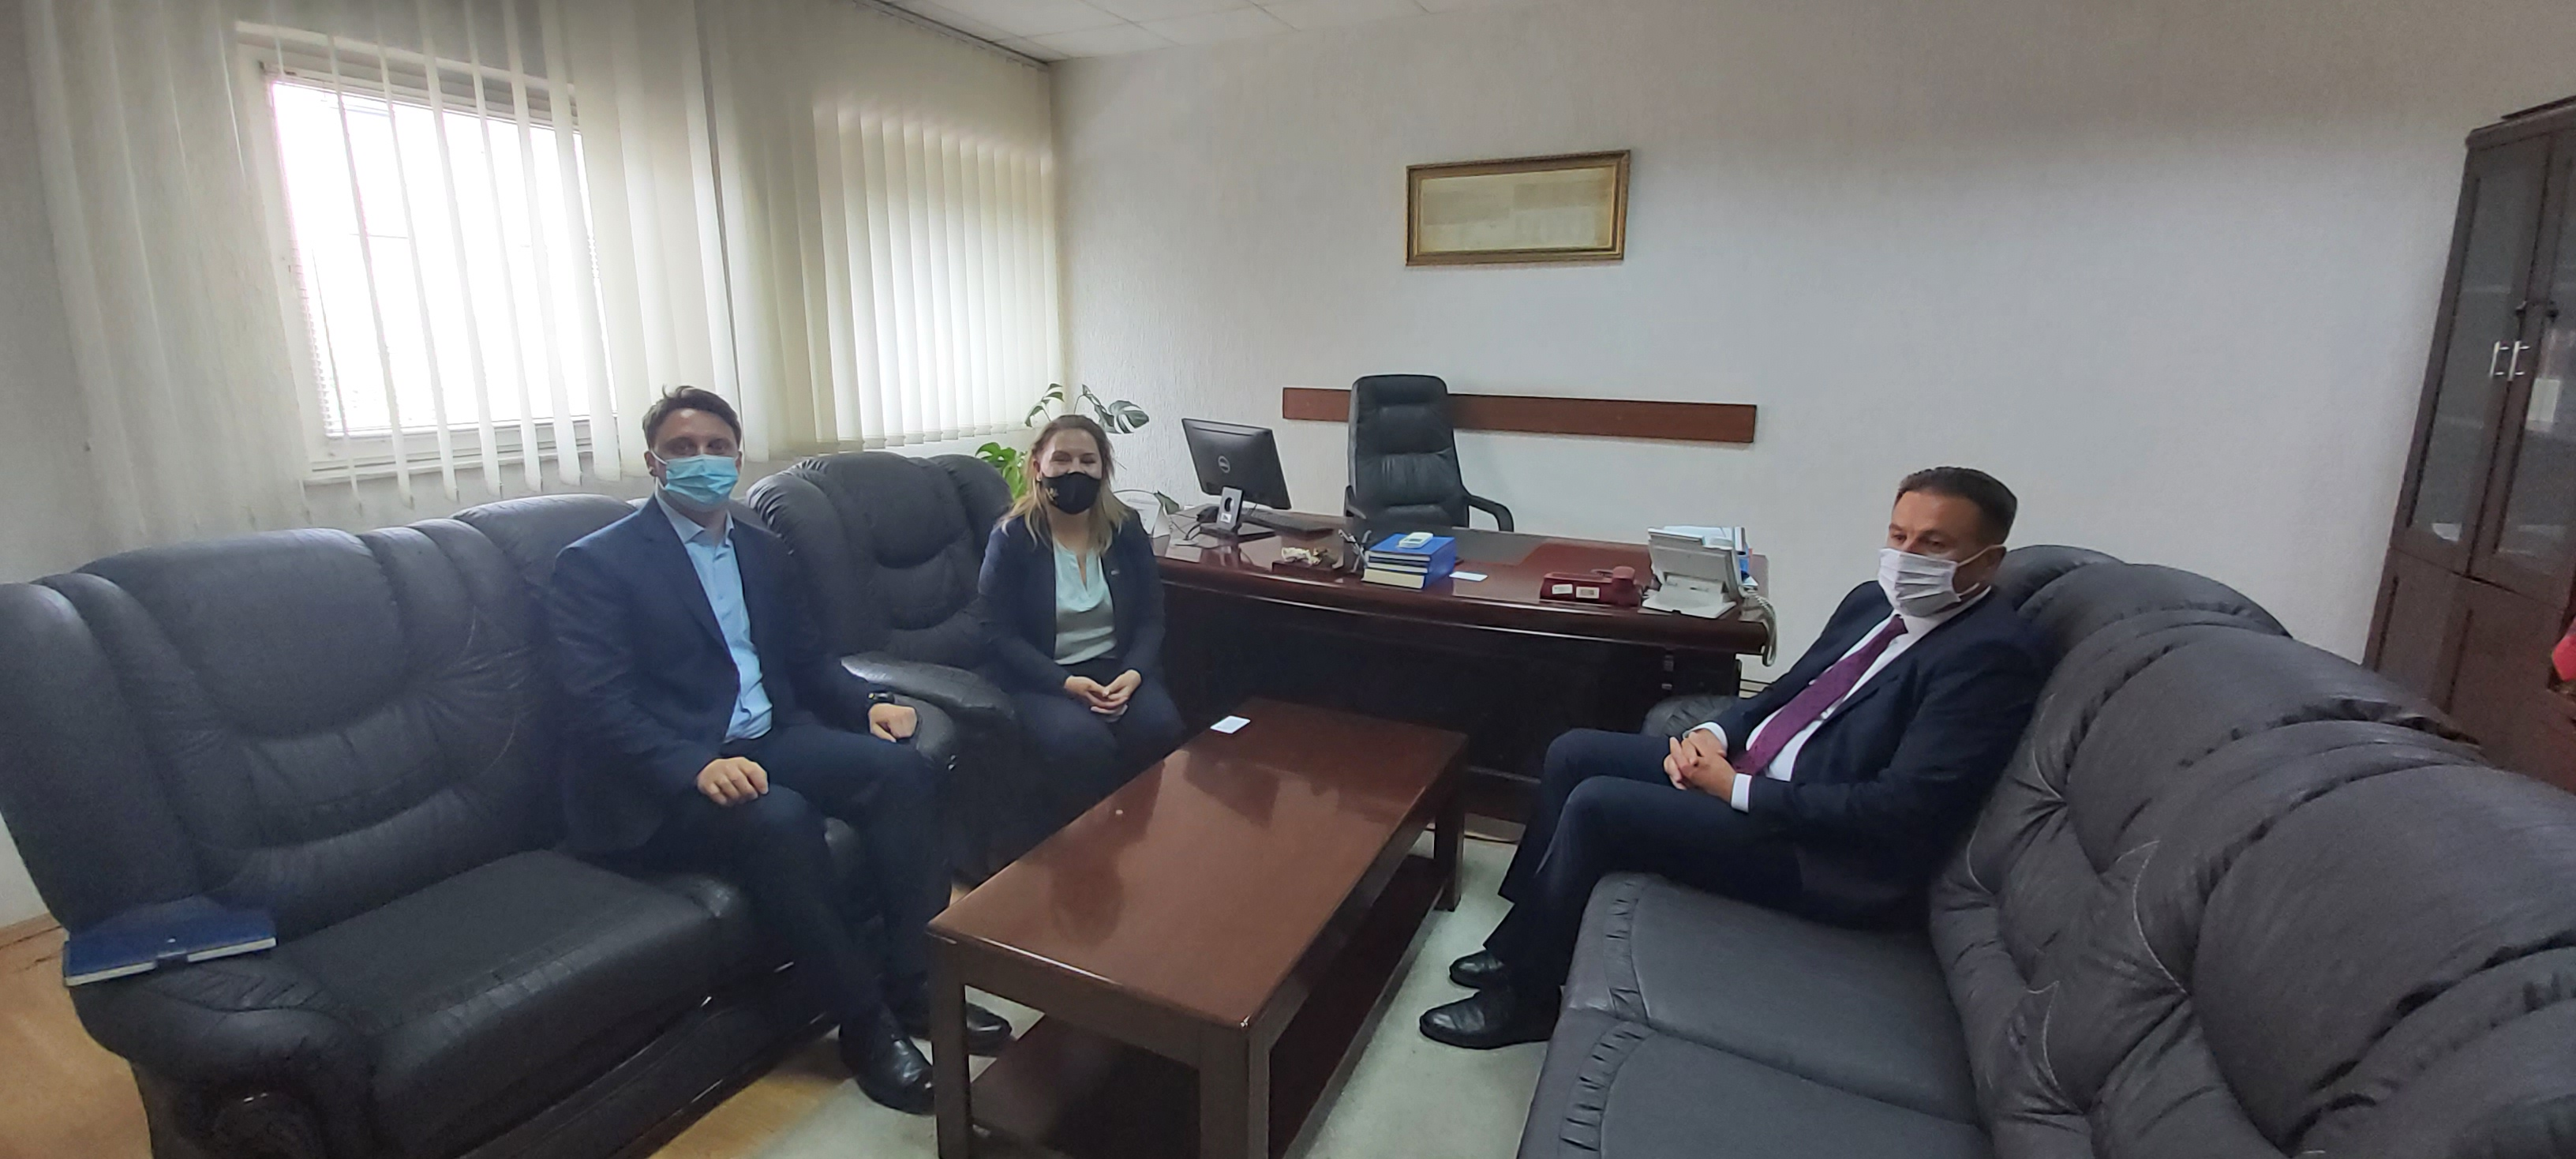 Përfaqësues të Ambasadës Britanike në Prishtinë, vizituan Gjykatën Themelore në Gjakovë